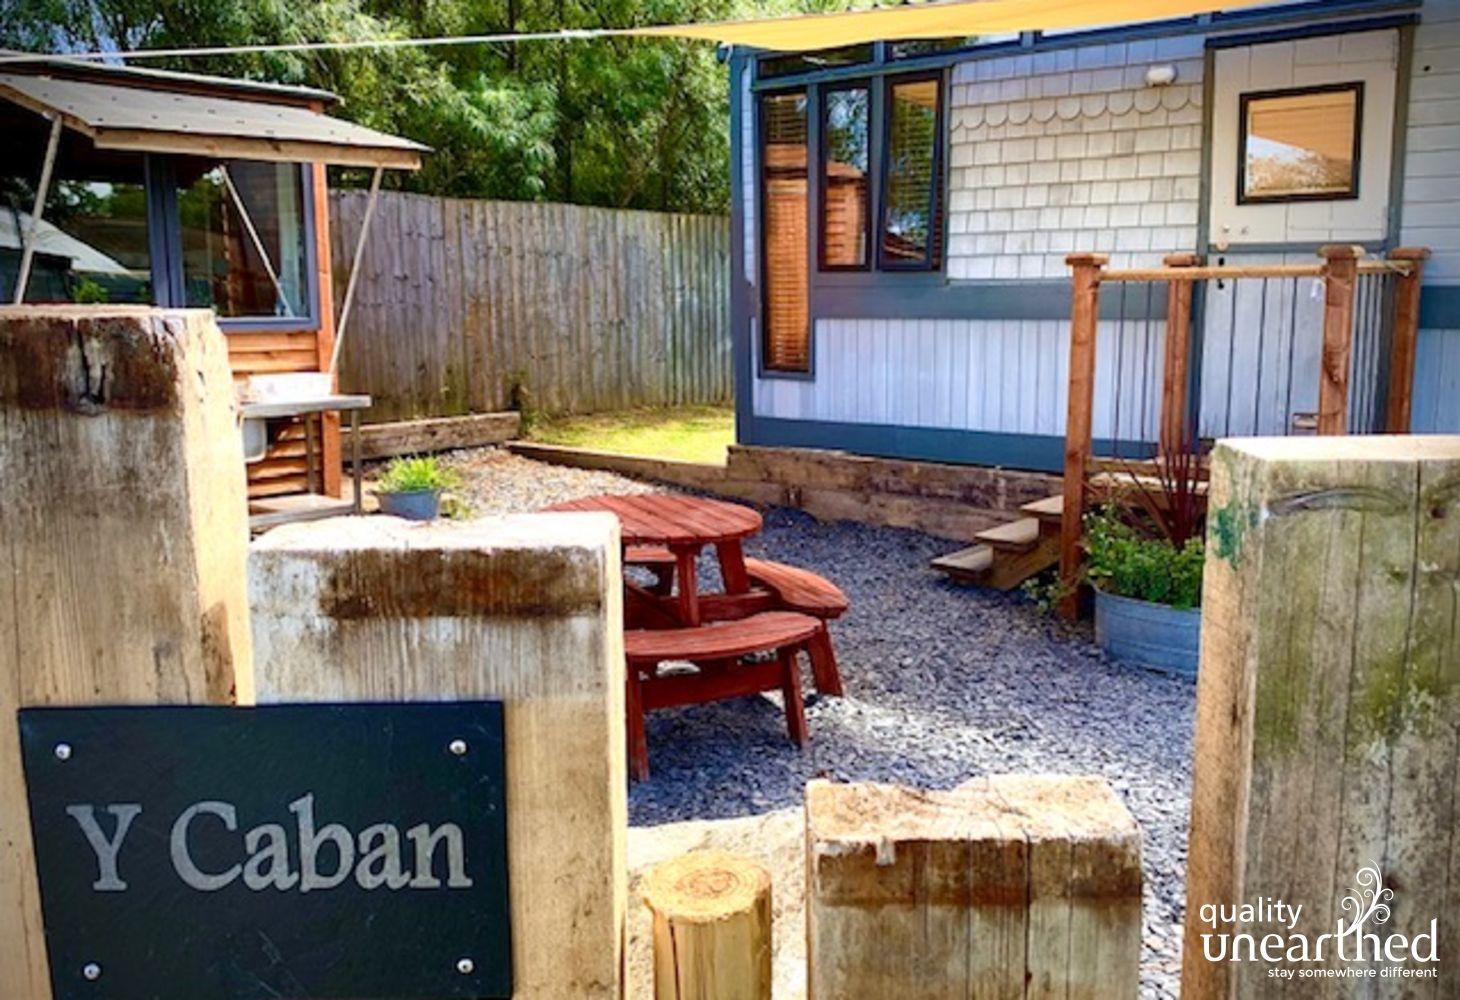 Cabin near Fishguard, Pembrokeshire